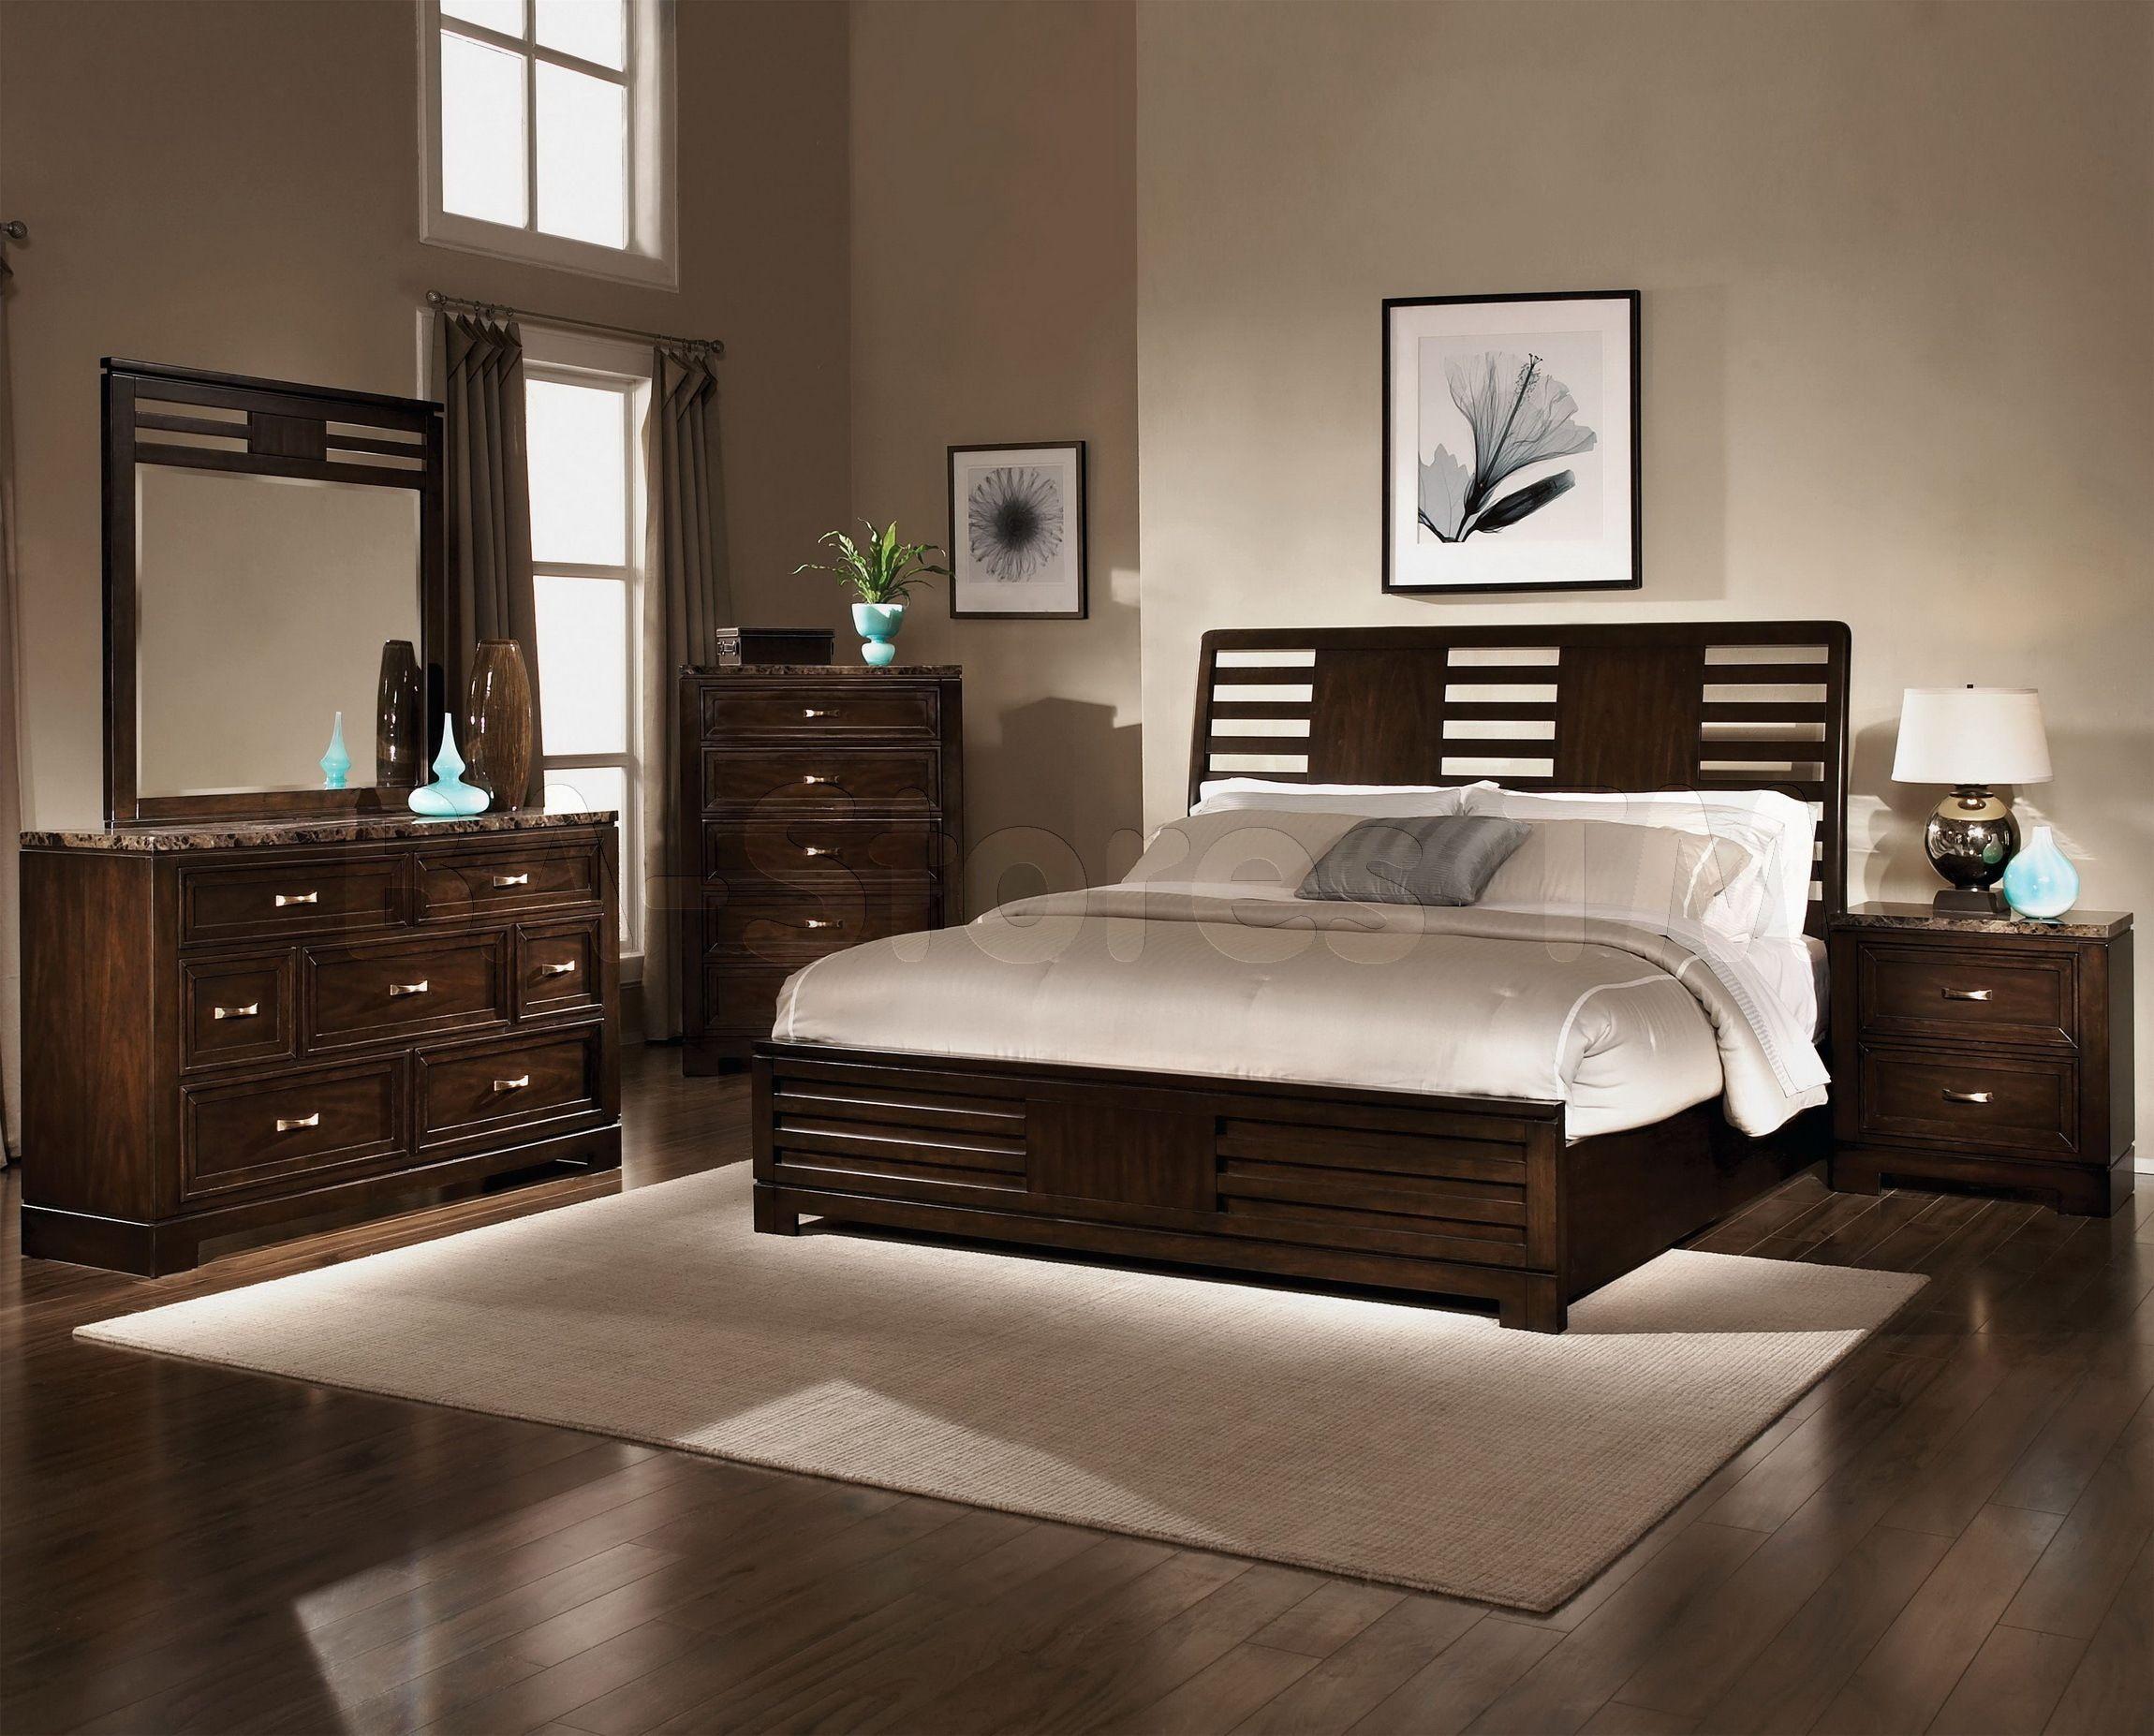 Luxury Bedroom Decorating Ideas Dark Brown Dressing Table Modern